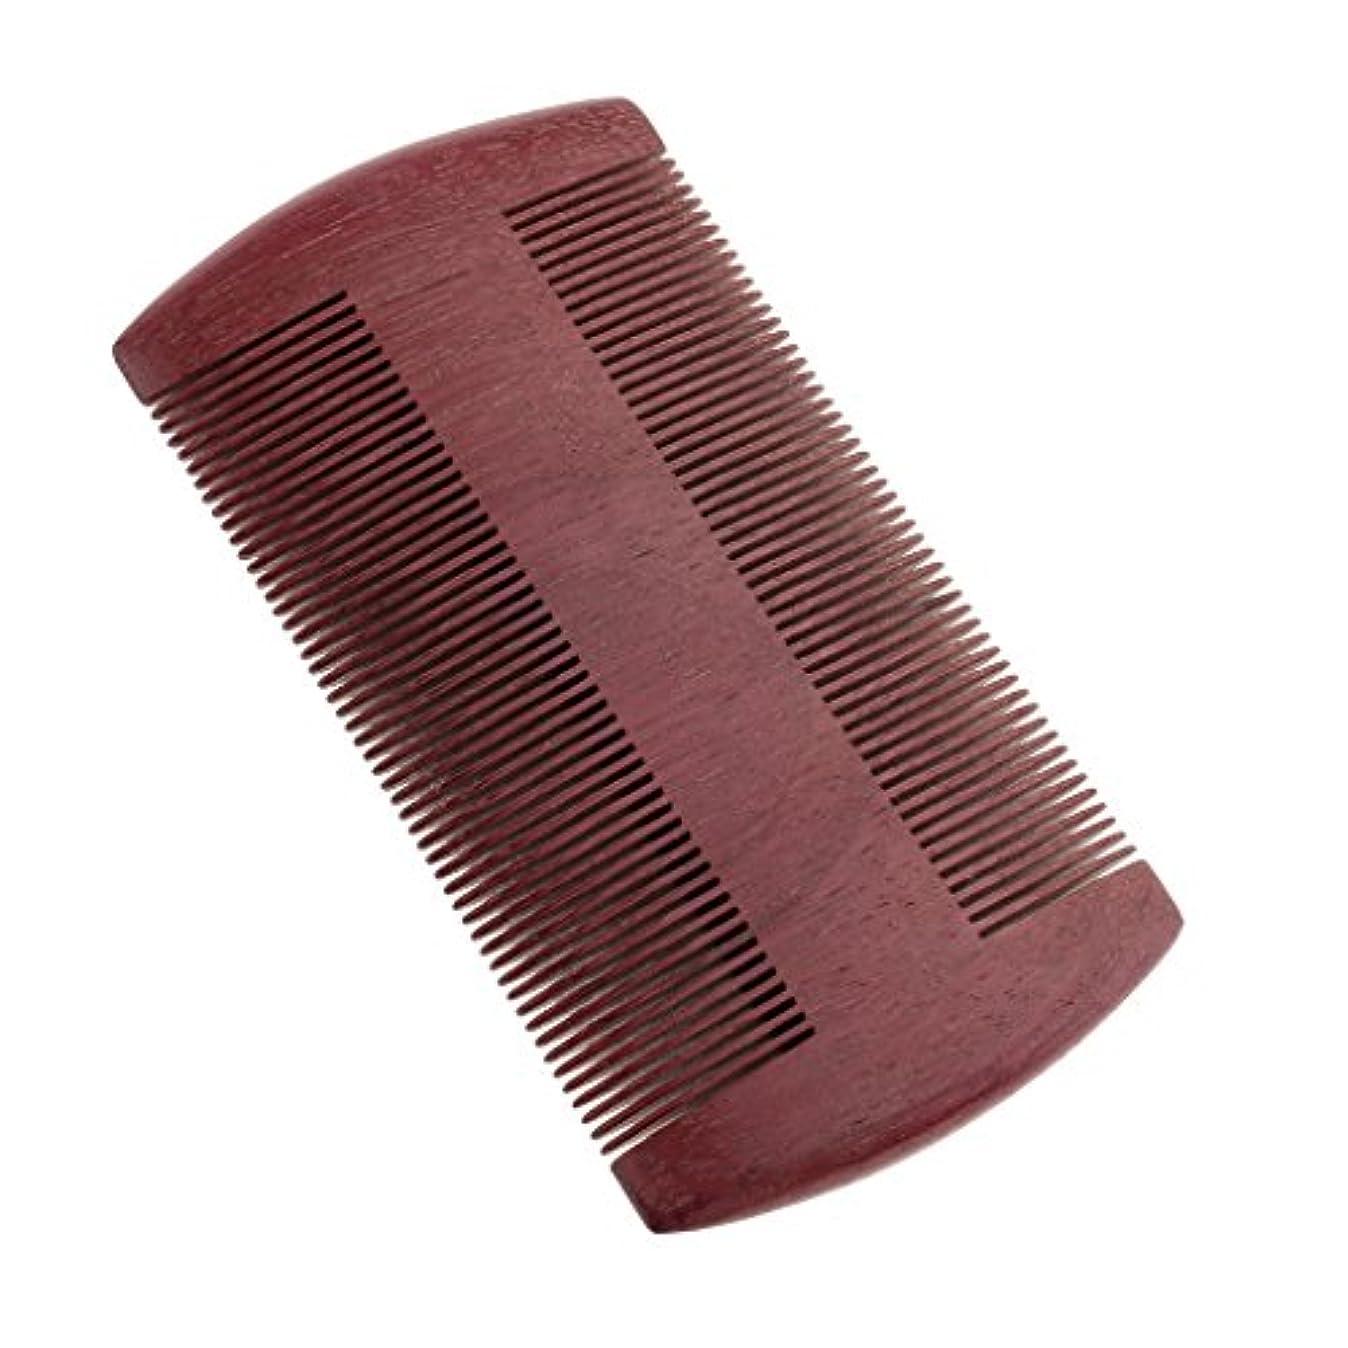 支給和らげるミッションKesoto ウッドコーム 木製 ダブル密度 歯 櫛 ひげ ブラシ